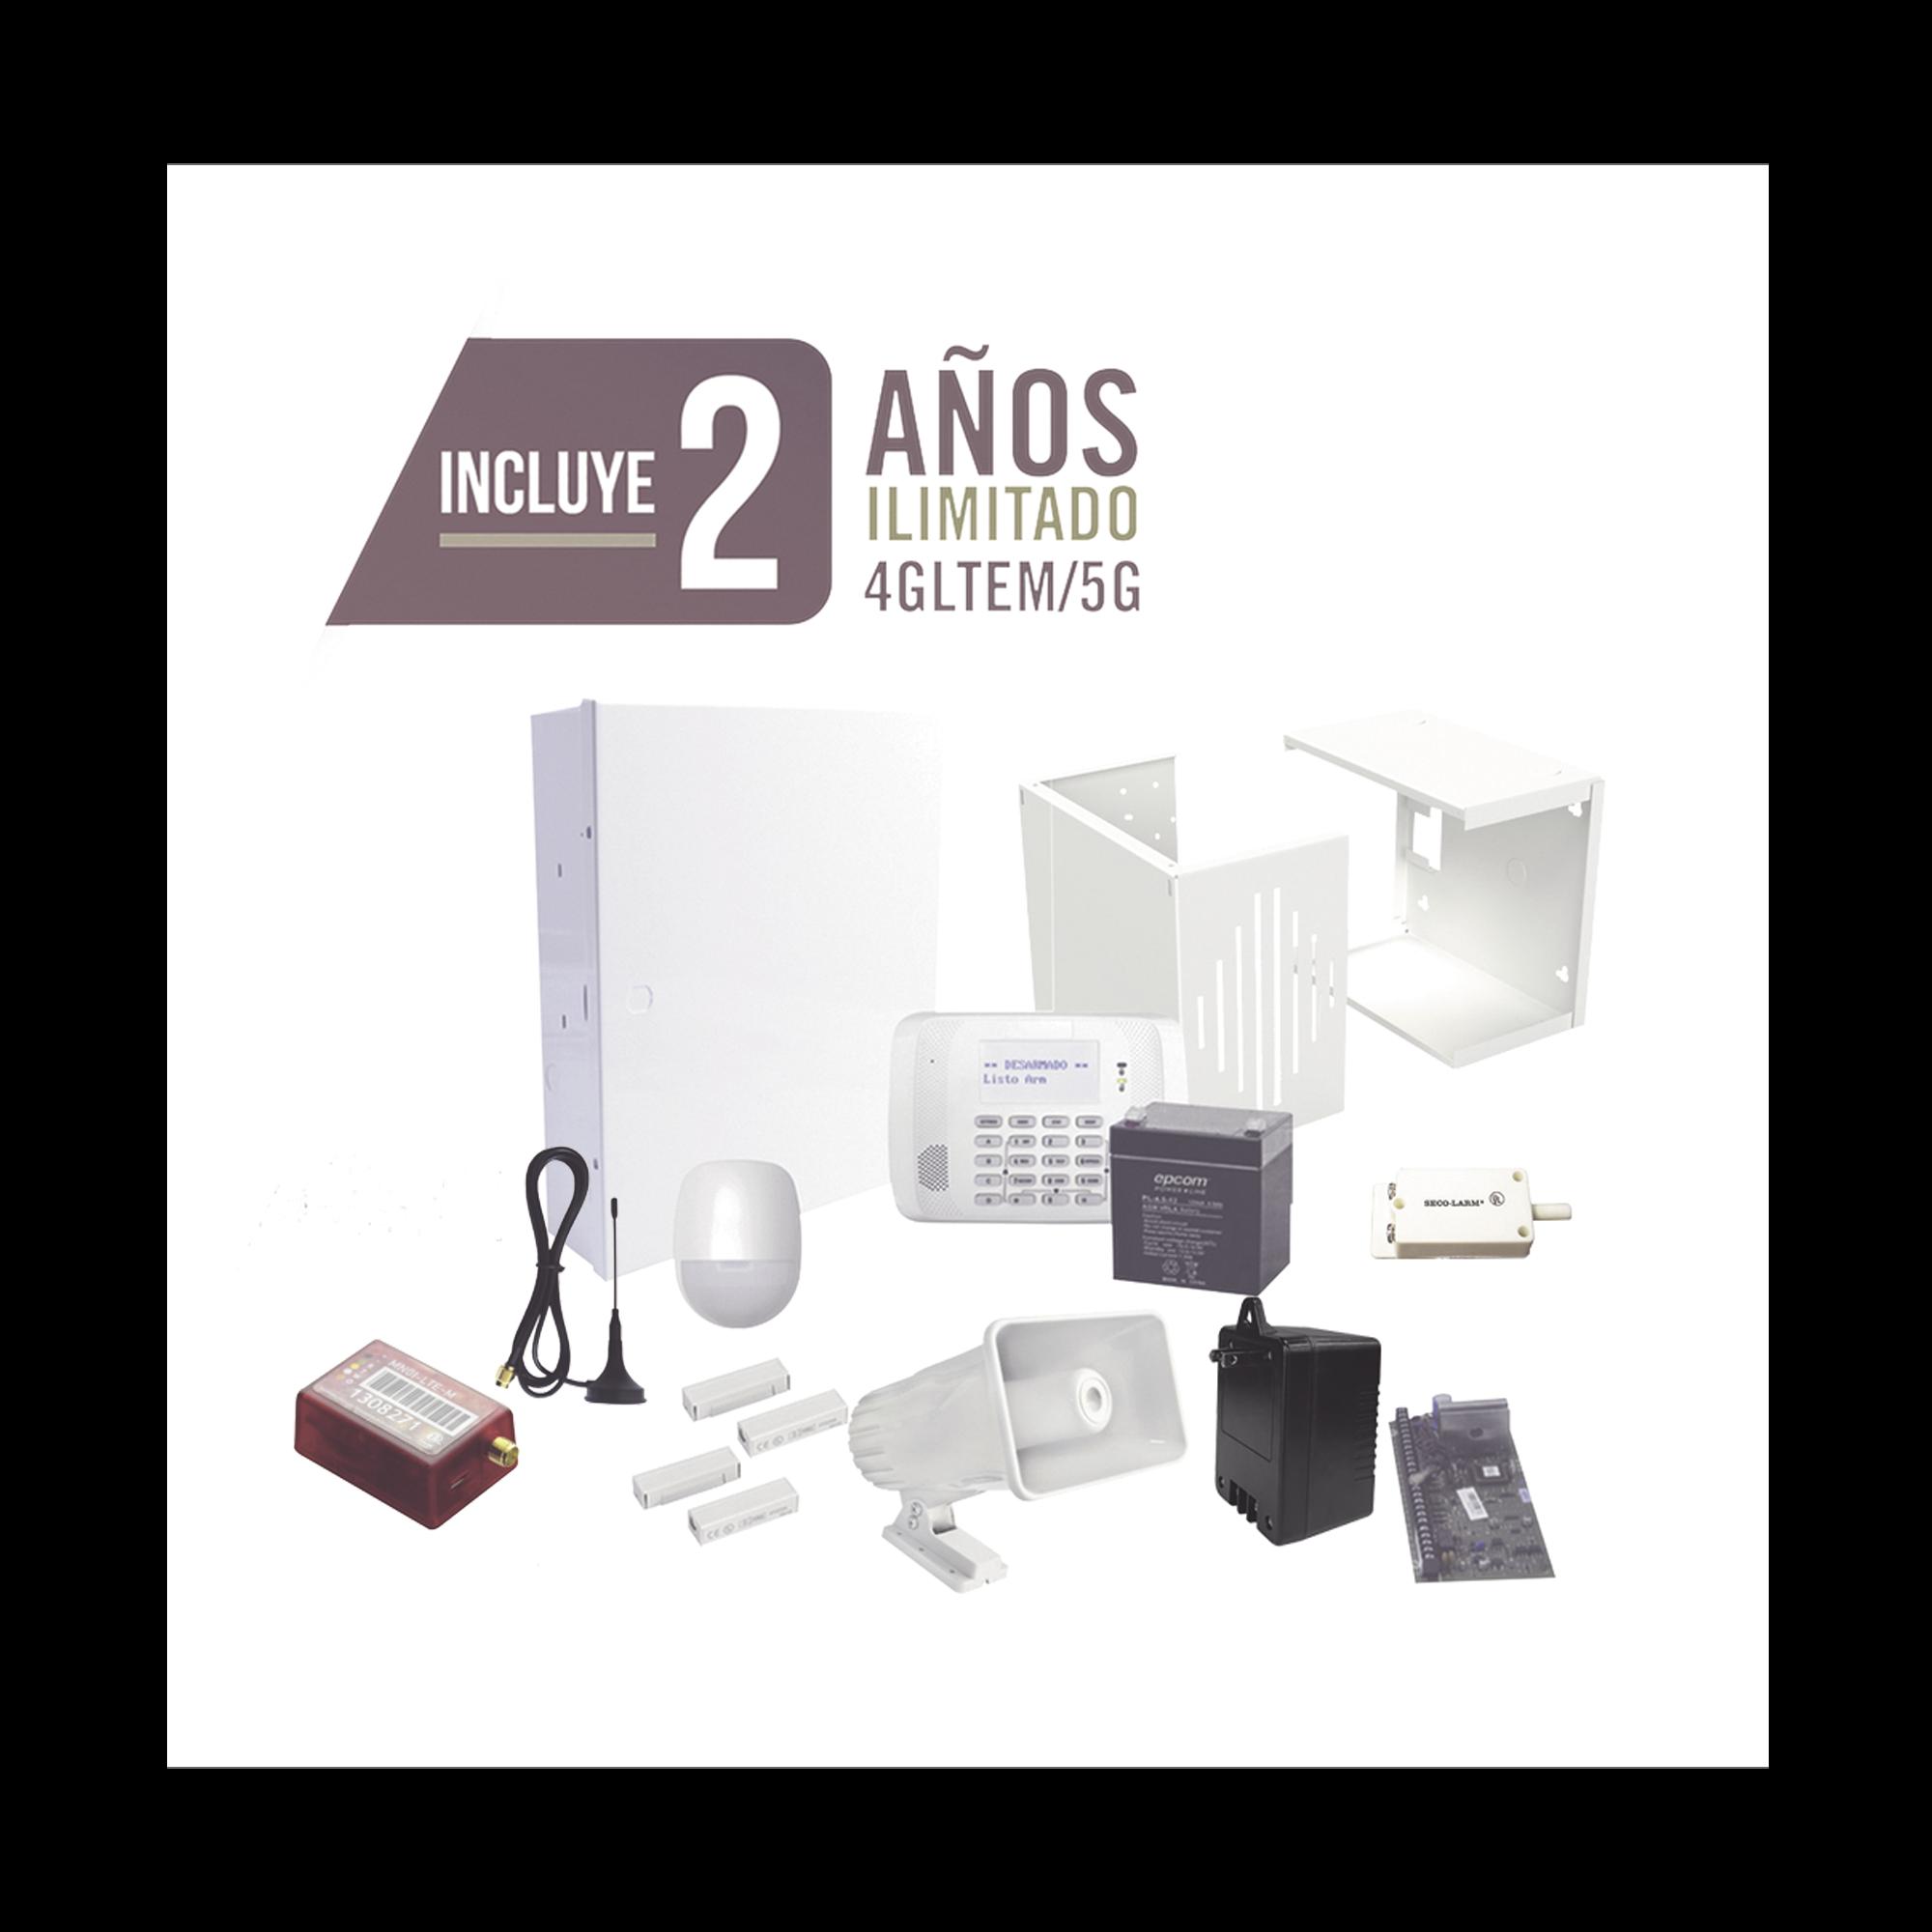 KIT de Alarma con 2 AnnOS de Comunicacion Ilimitada 3G/4G/ Con Redundancia de sennal PREMIUM sin costo adicional.